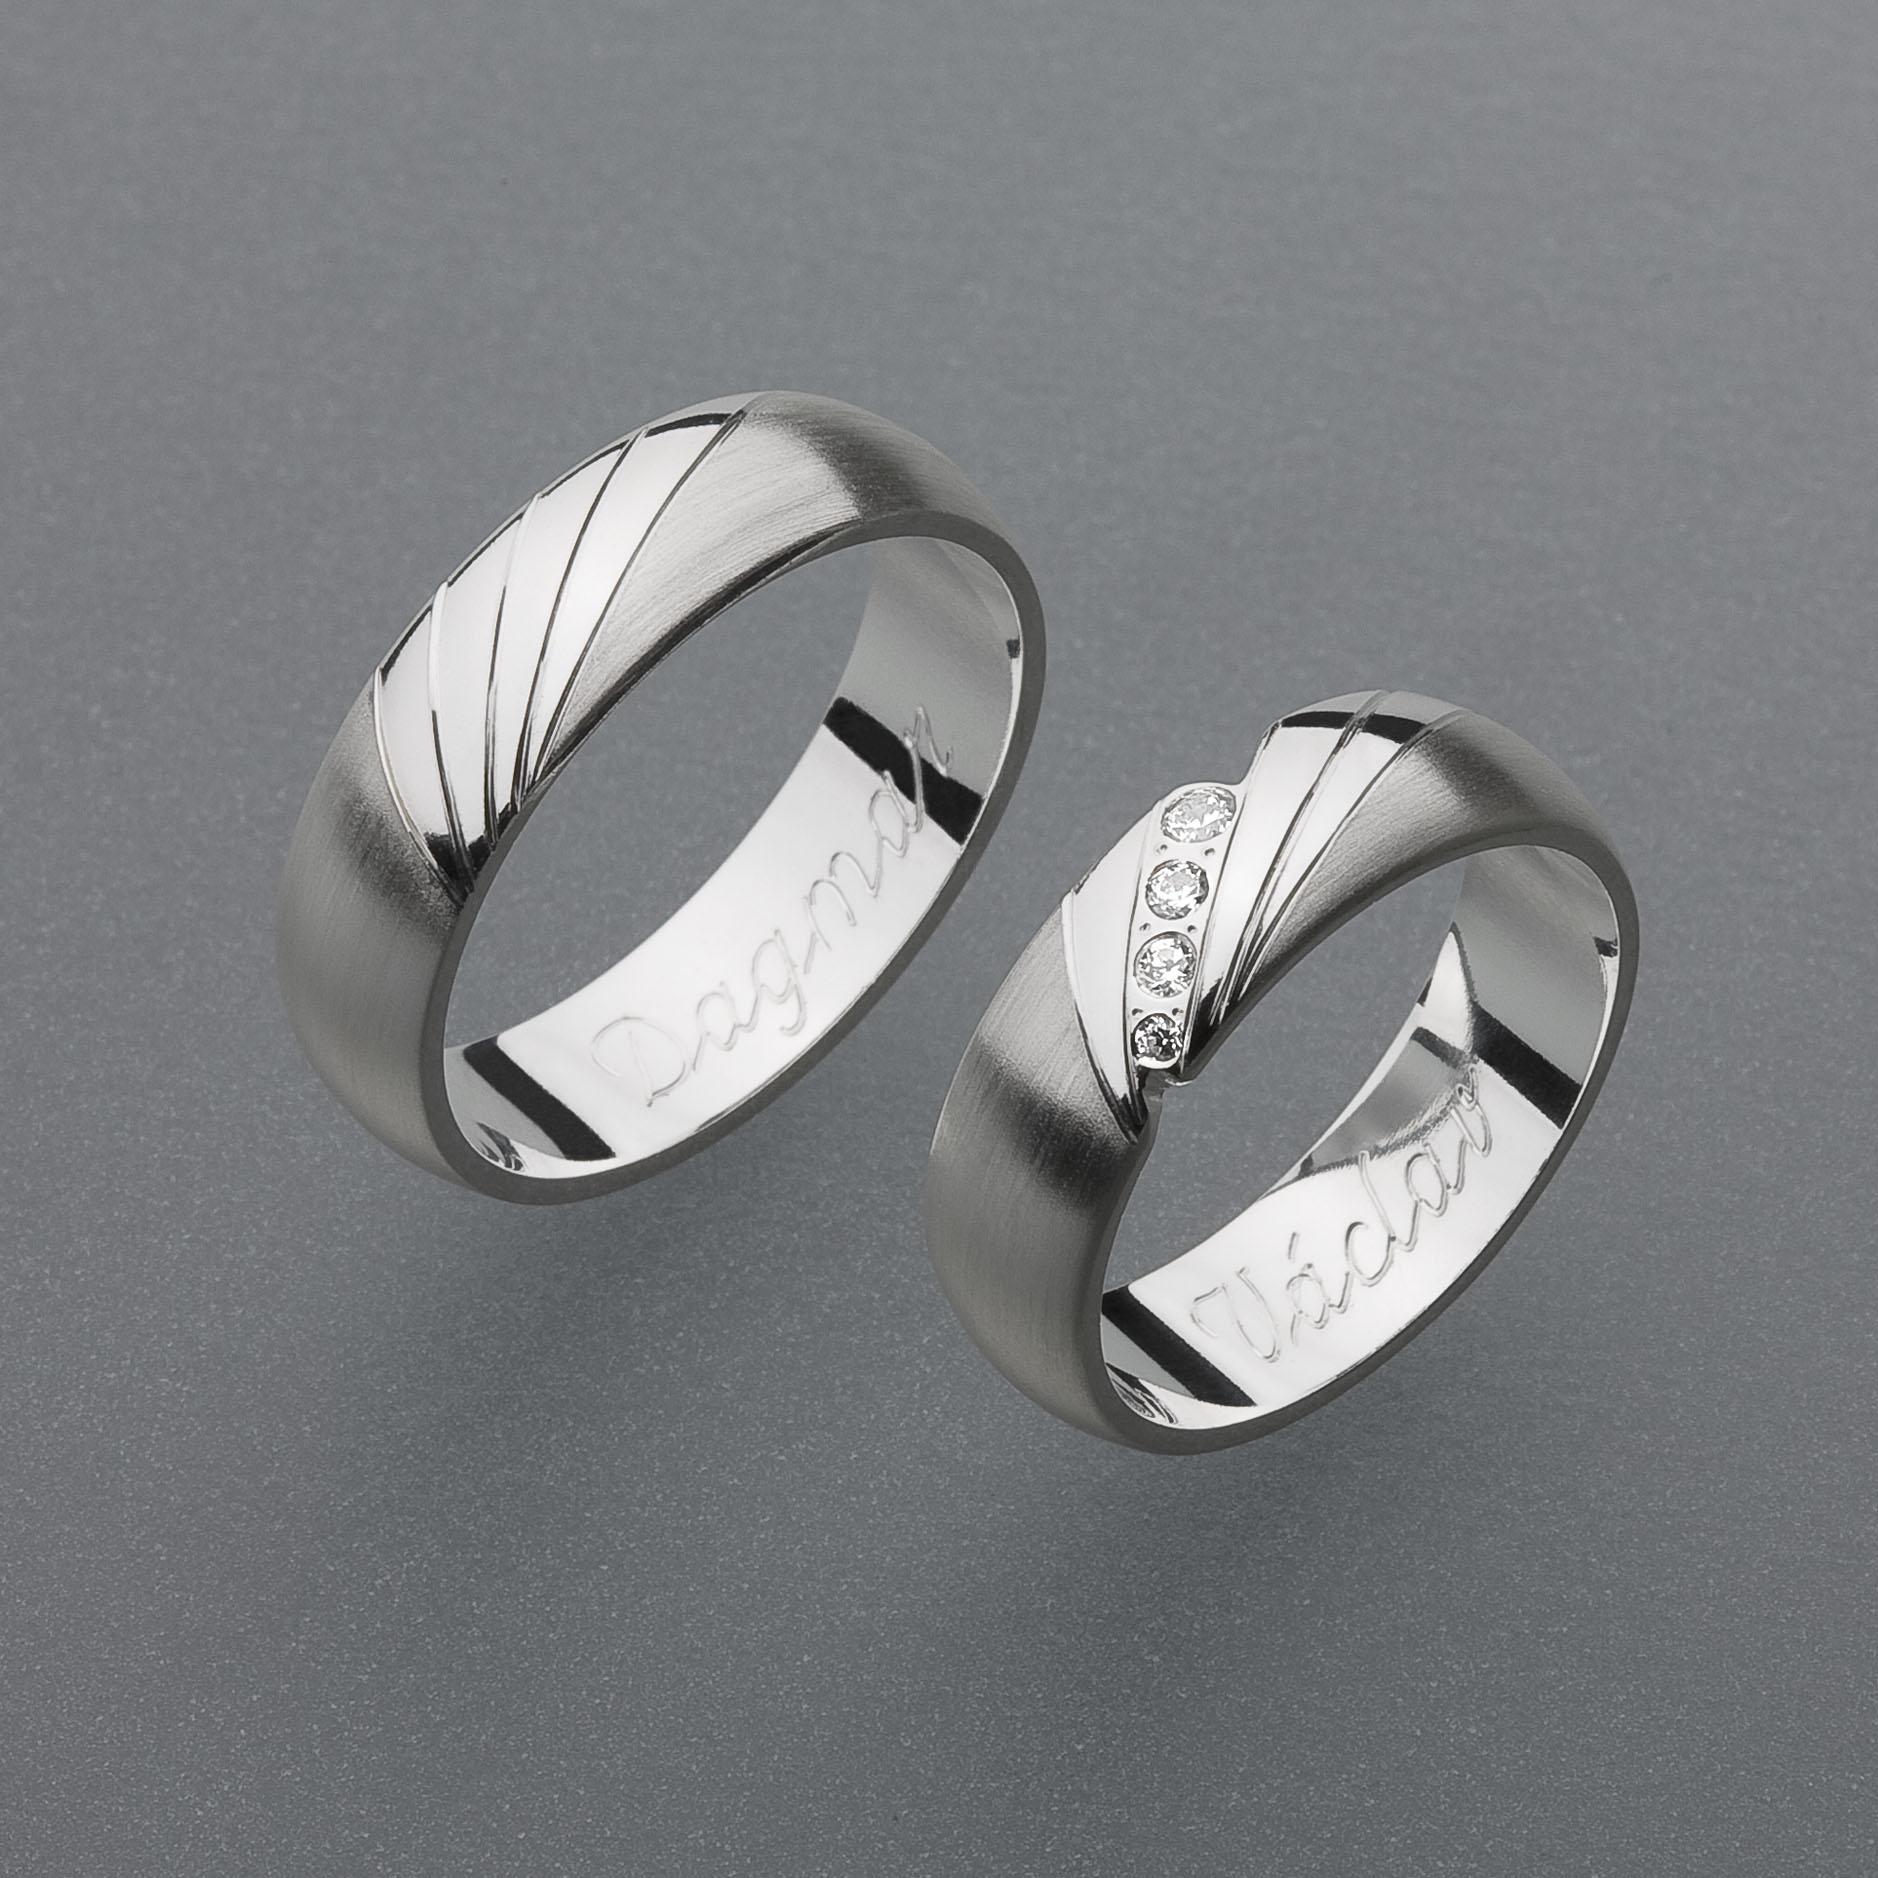 Stribrne Snubni Prsteny Vzor Z34